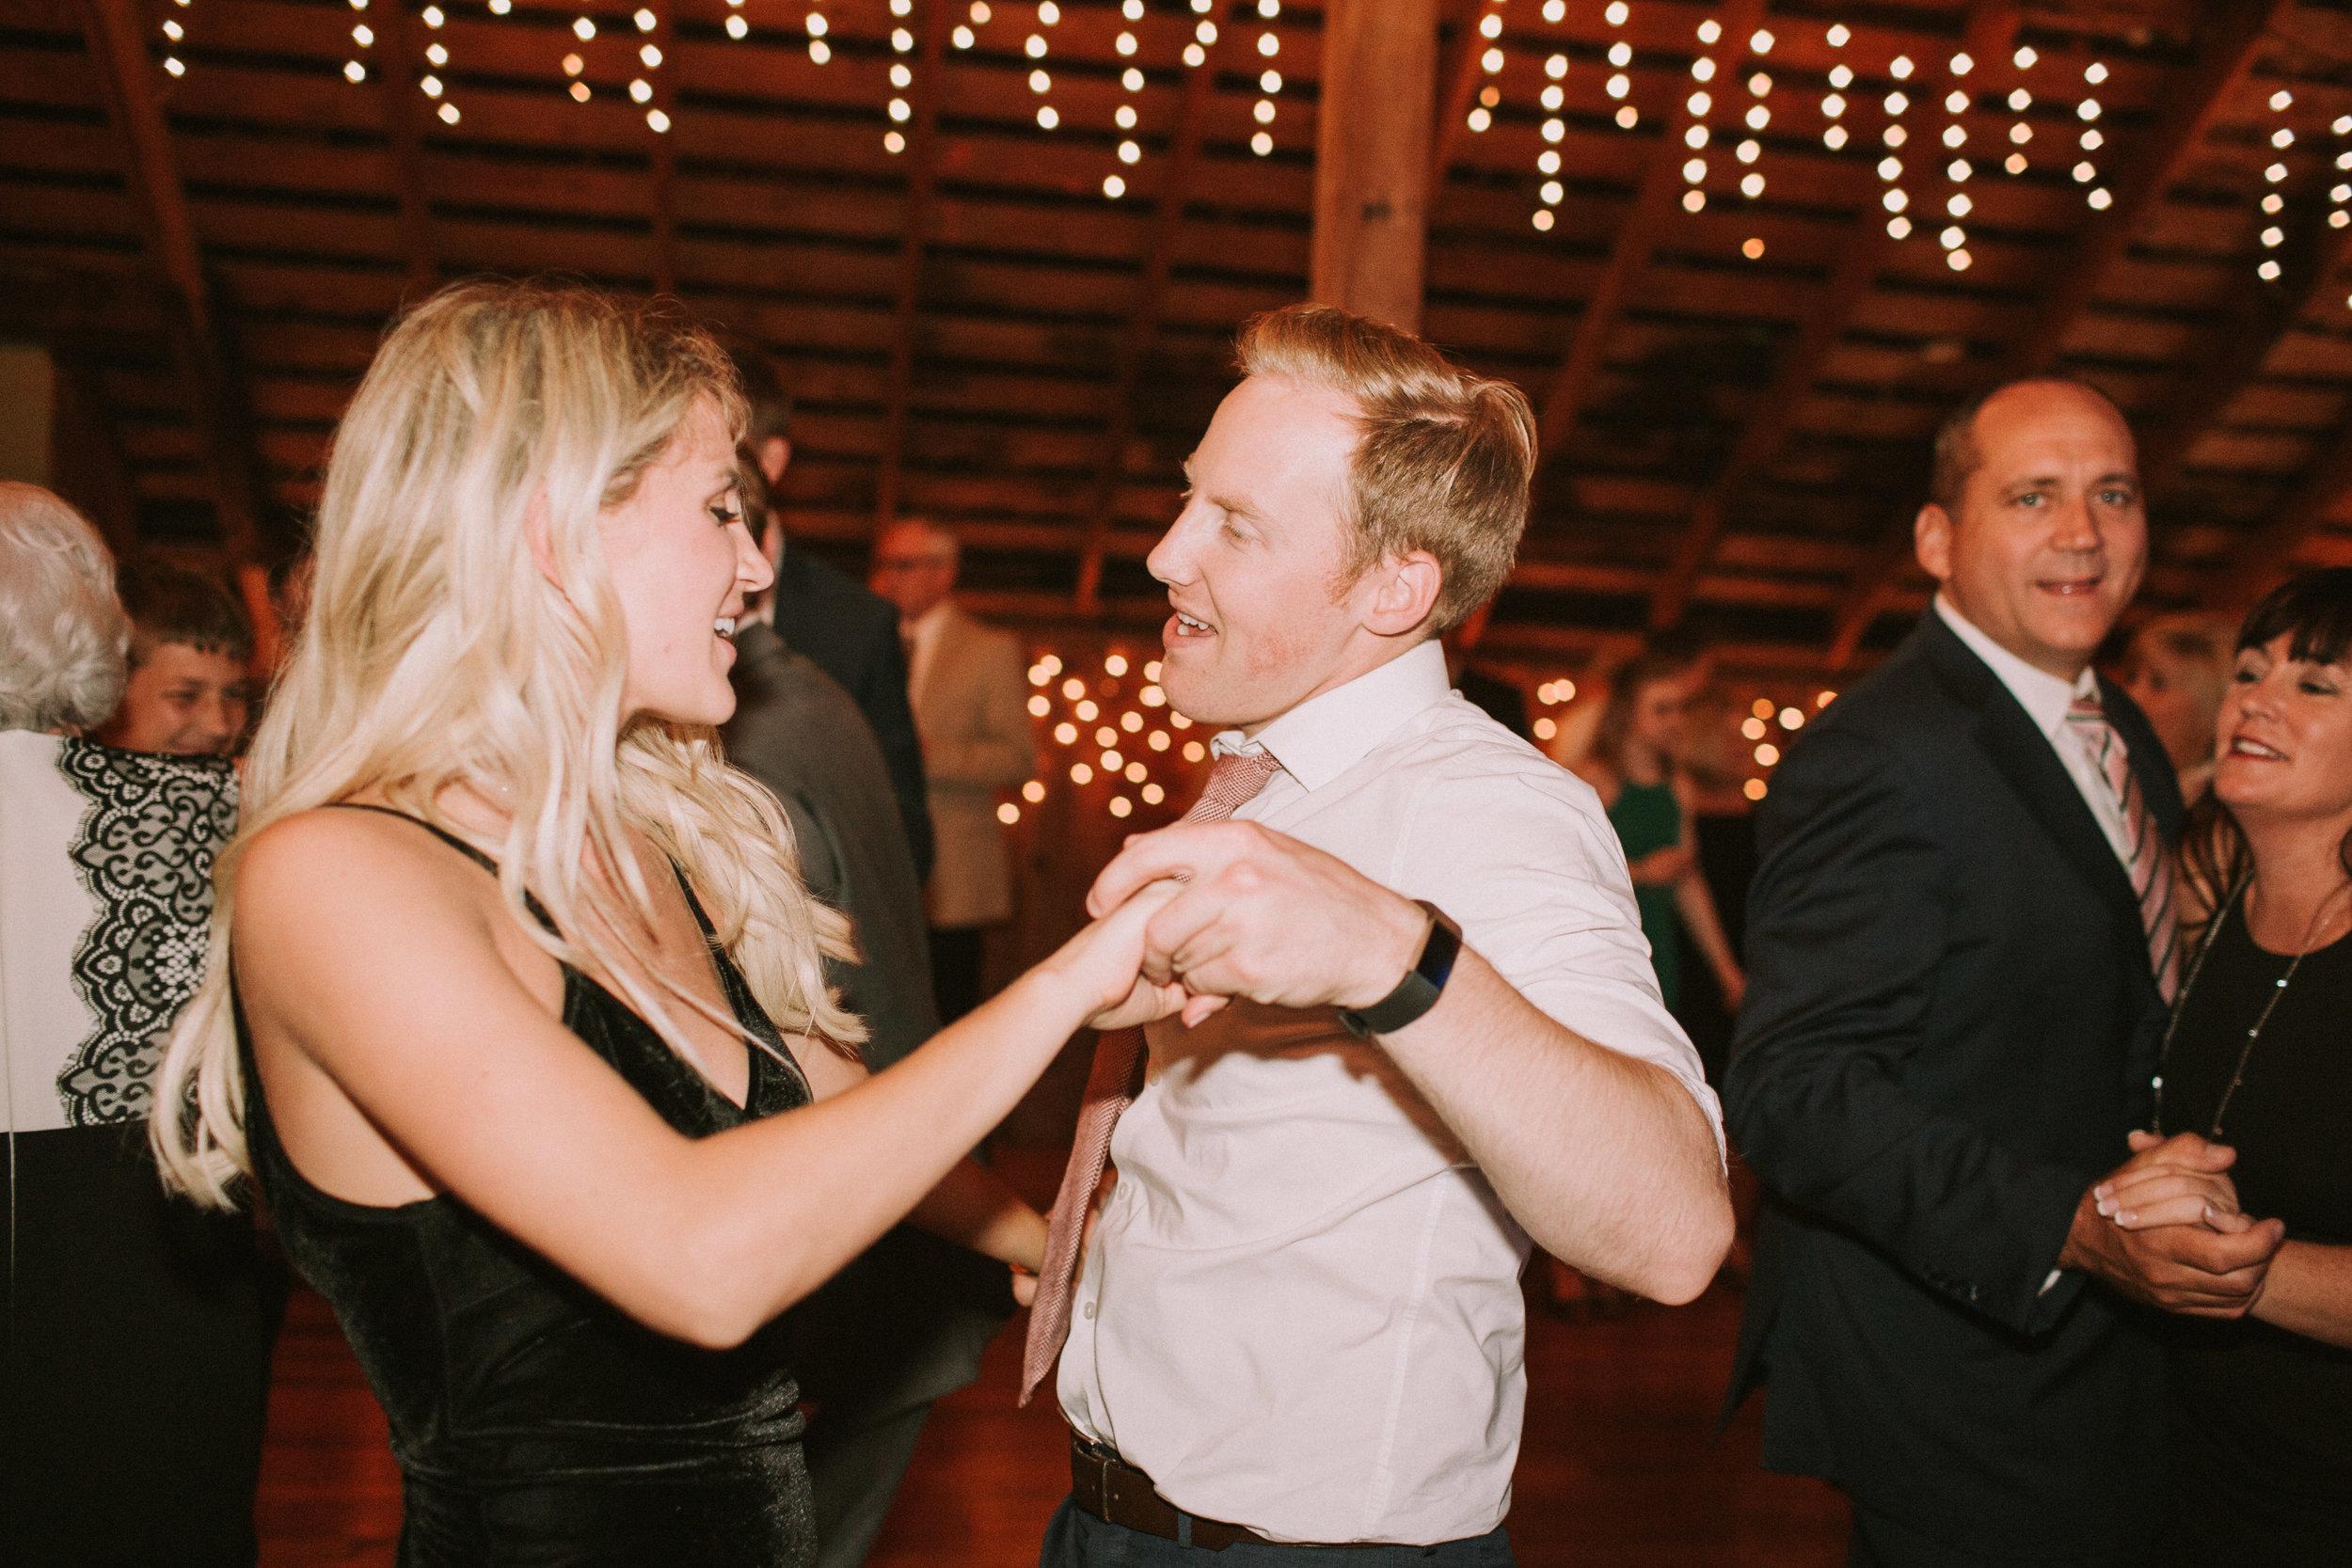 Lizzie&Chasen-Dancing-152.jpg